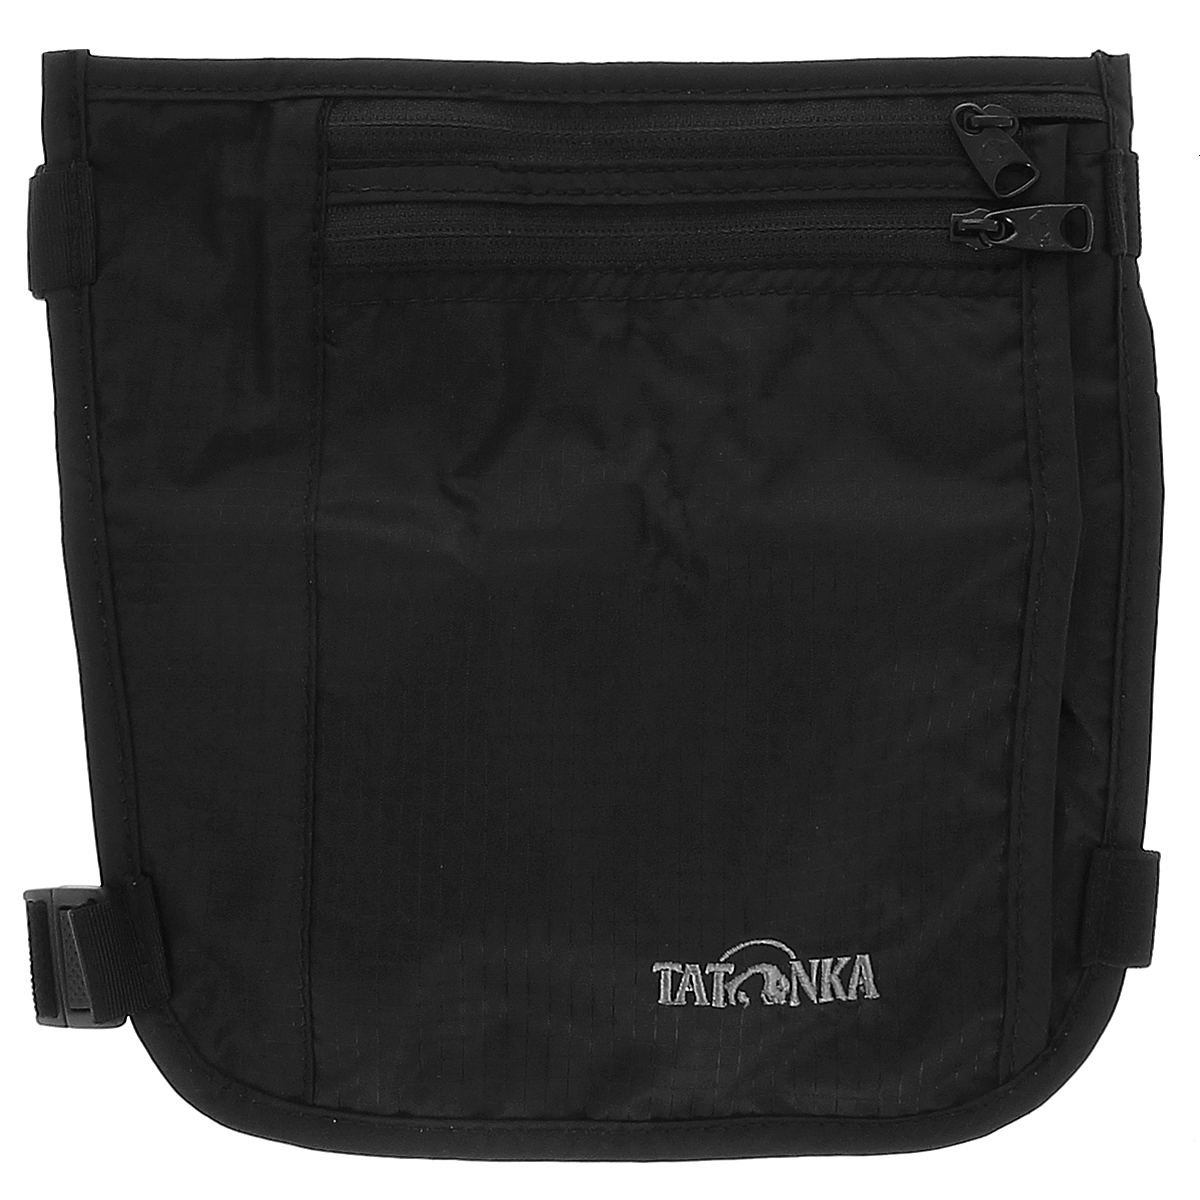 Кошелек на голень Tatonka Skin Secret Pocket, потайной, цвет: черный2854.040Потайной кошелек Tatonka Skin Secret Pocket состоит из двух отделений на застежках-молниях. Крепится на голень с помощью двух эластичных ремешков на карабинах, регулируемых по длине. Кошелек можно закрепить как под одеждой, так и поверх нее - в зависимости от удобства. С обратной стороны для большего комфорта изделие дополнено мягкой тканью. Материал: 210 T Nylon Ripstop.